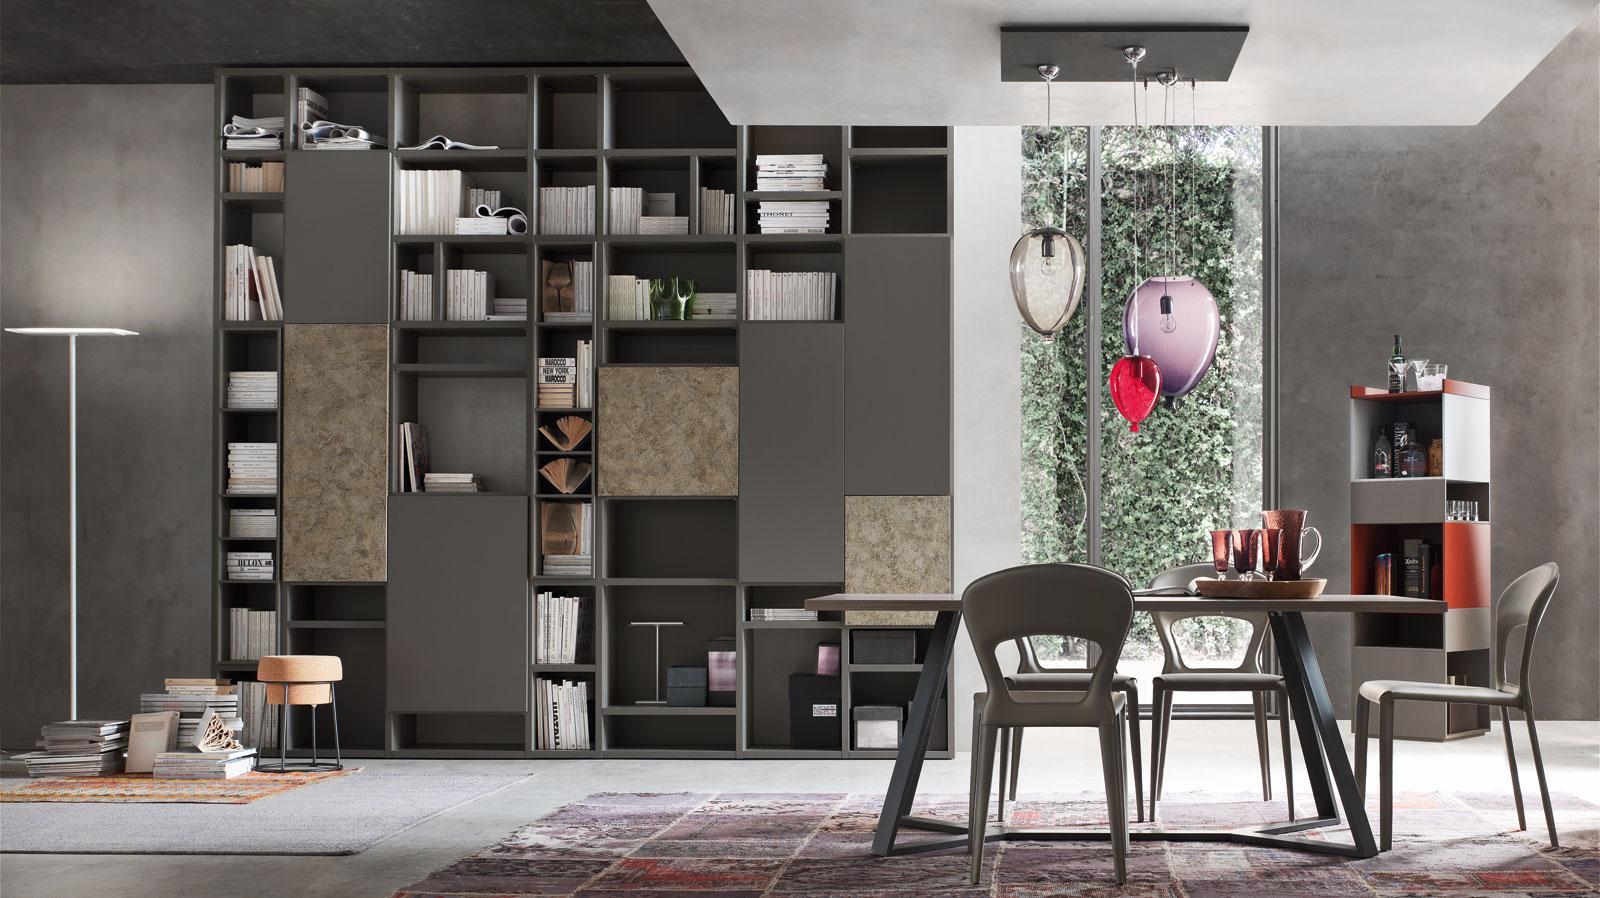 Ameublement zone jour et zone nuit de design orme for Sito arredamento design